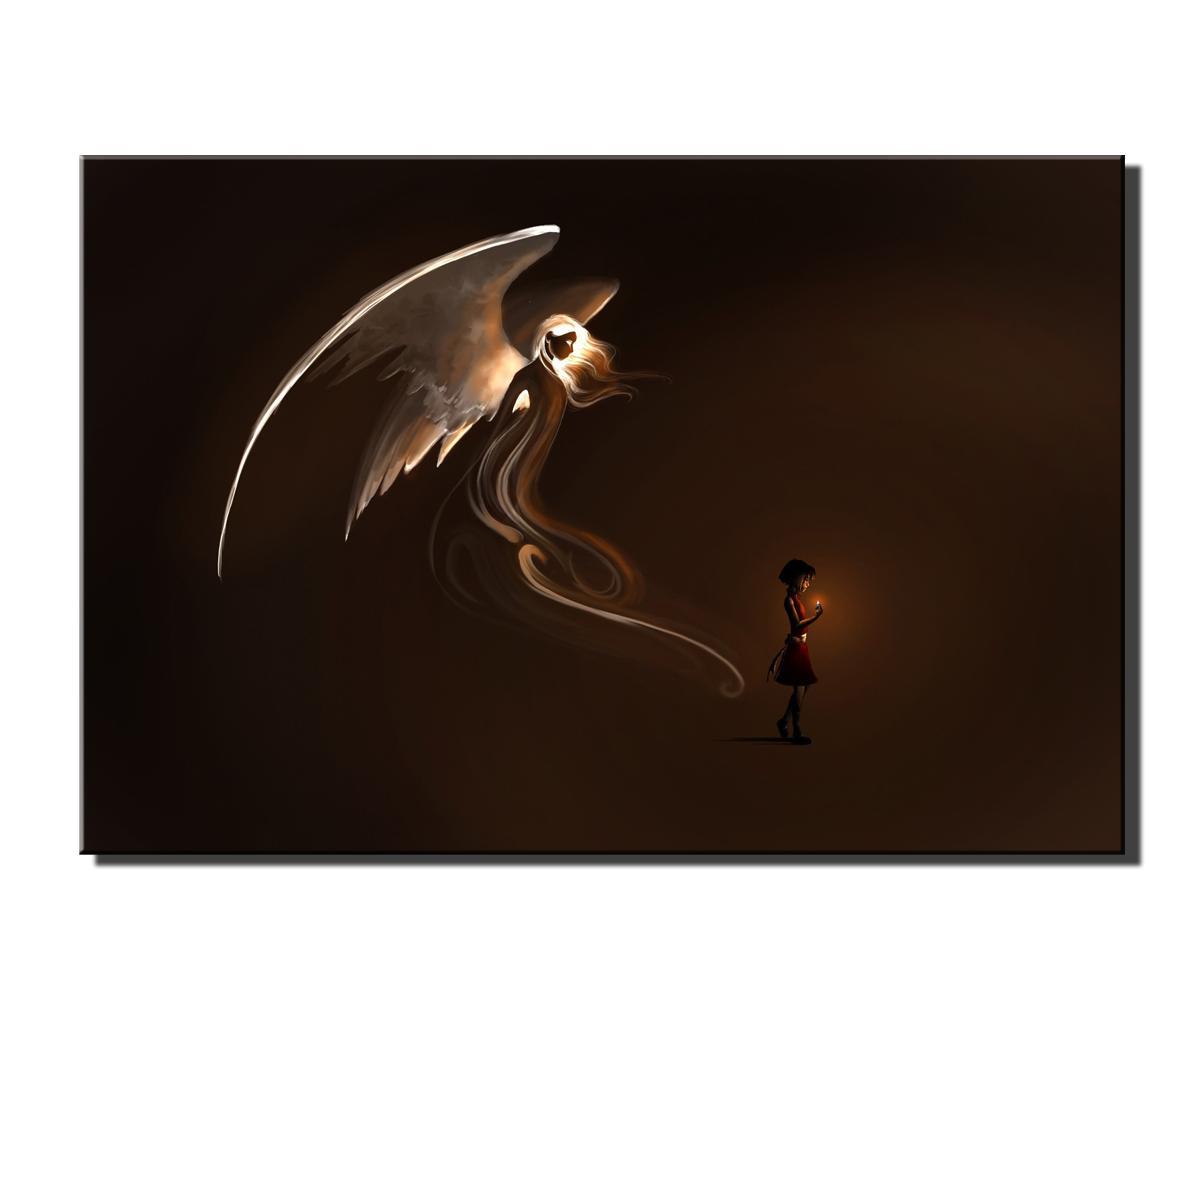 Anioly Inspiracje, HD Impresión de lienzos Nueva decoración del hogar Arte Pintura / (Sin marco / Enmarcado)